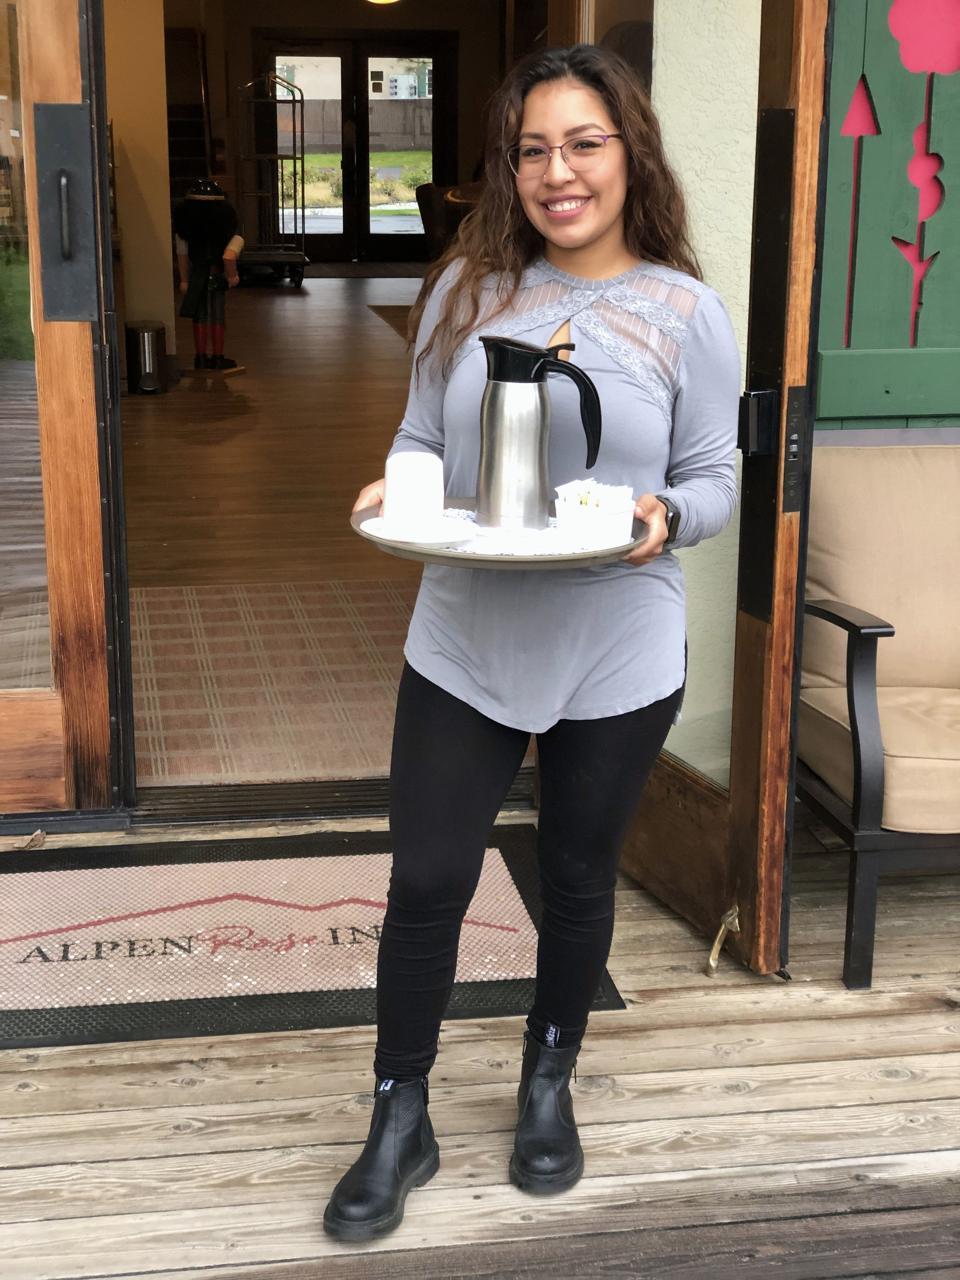 Alpen Rose Inn Leavenworth